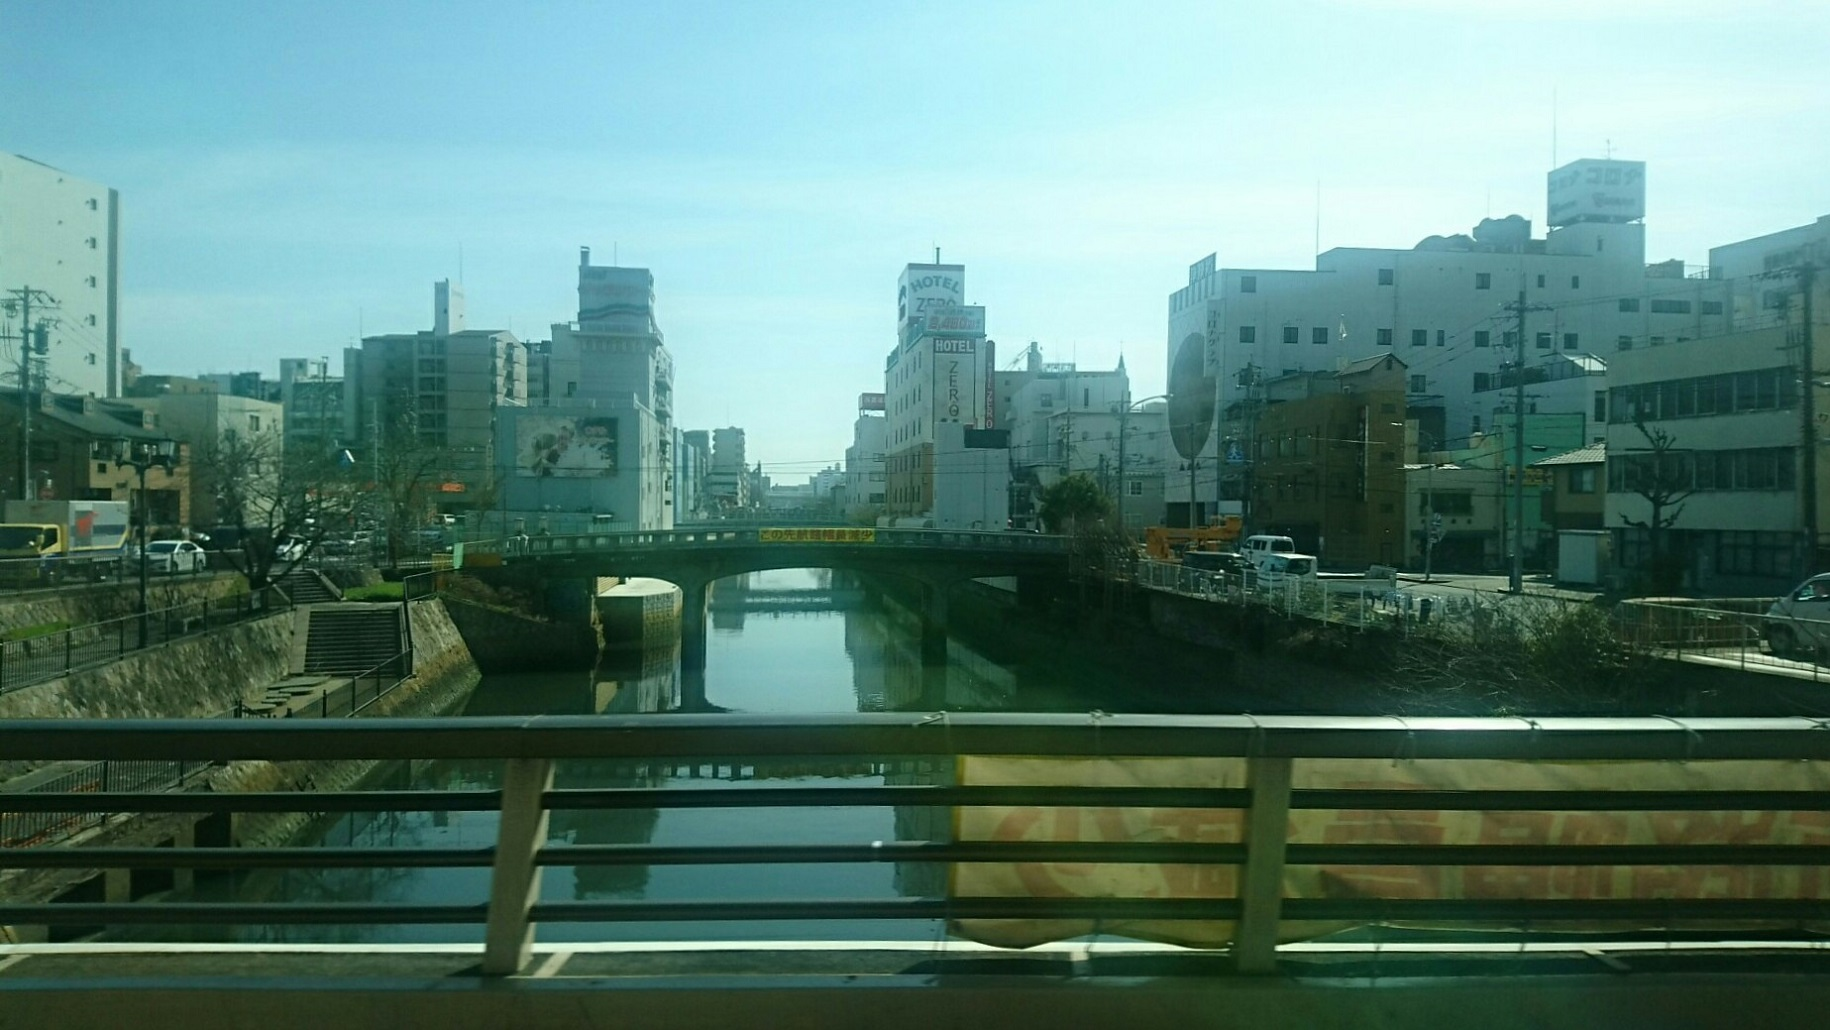 2019.3.5 13:43 名鉄バスセンターいきバス - 堀川をわたる 1830-1030